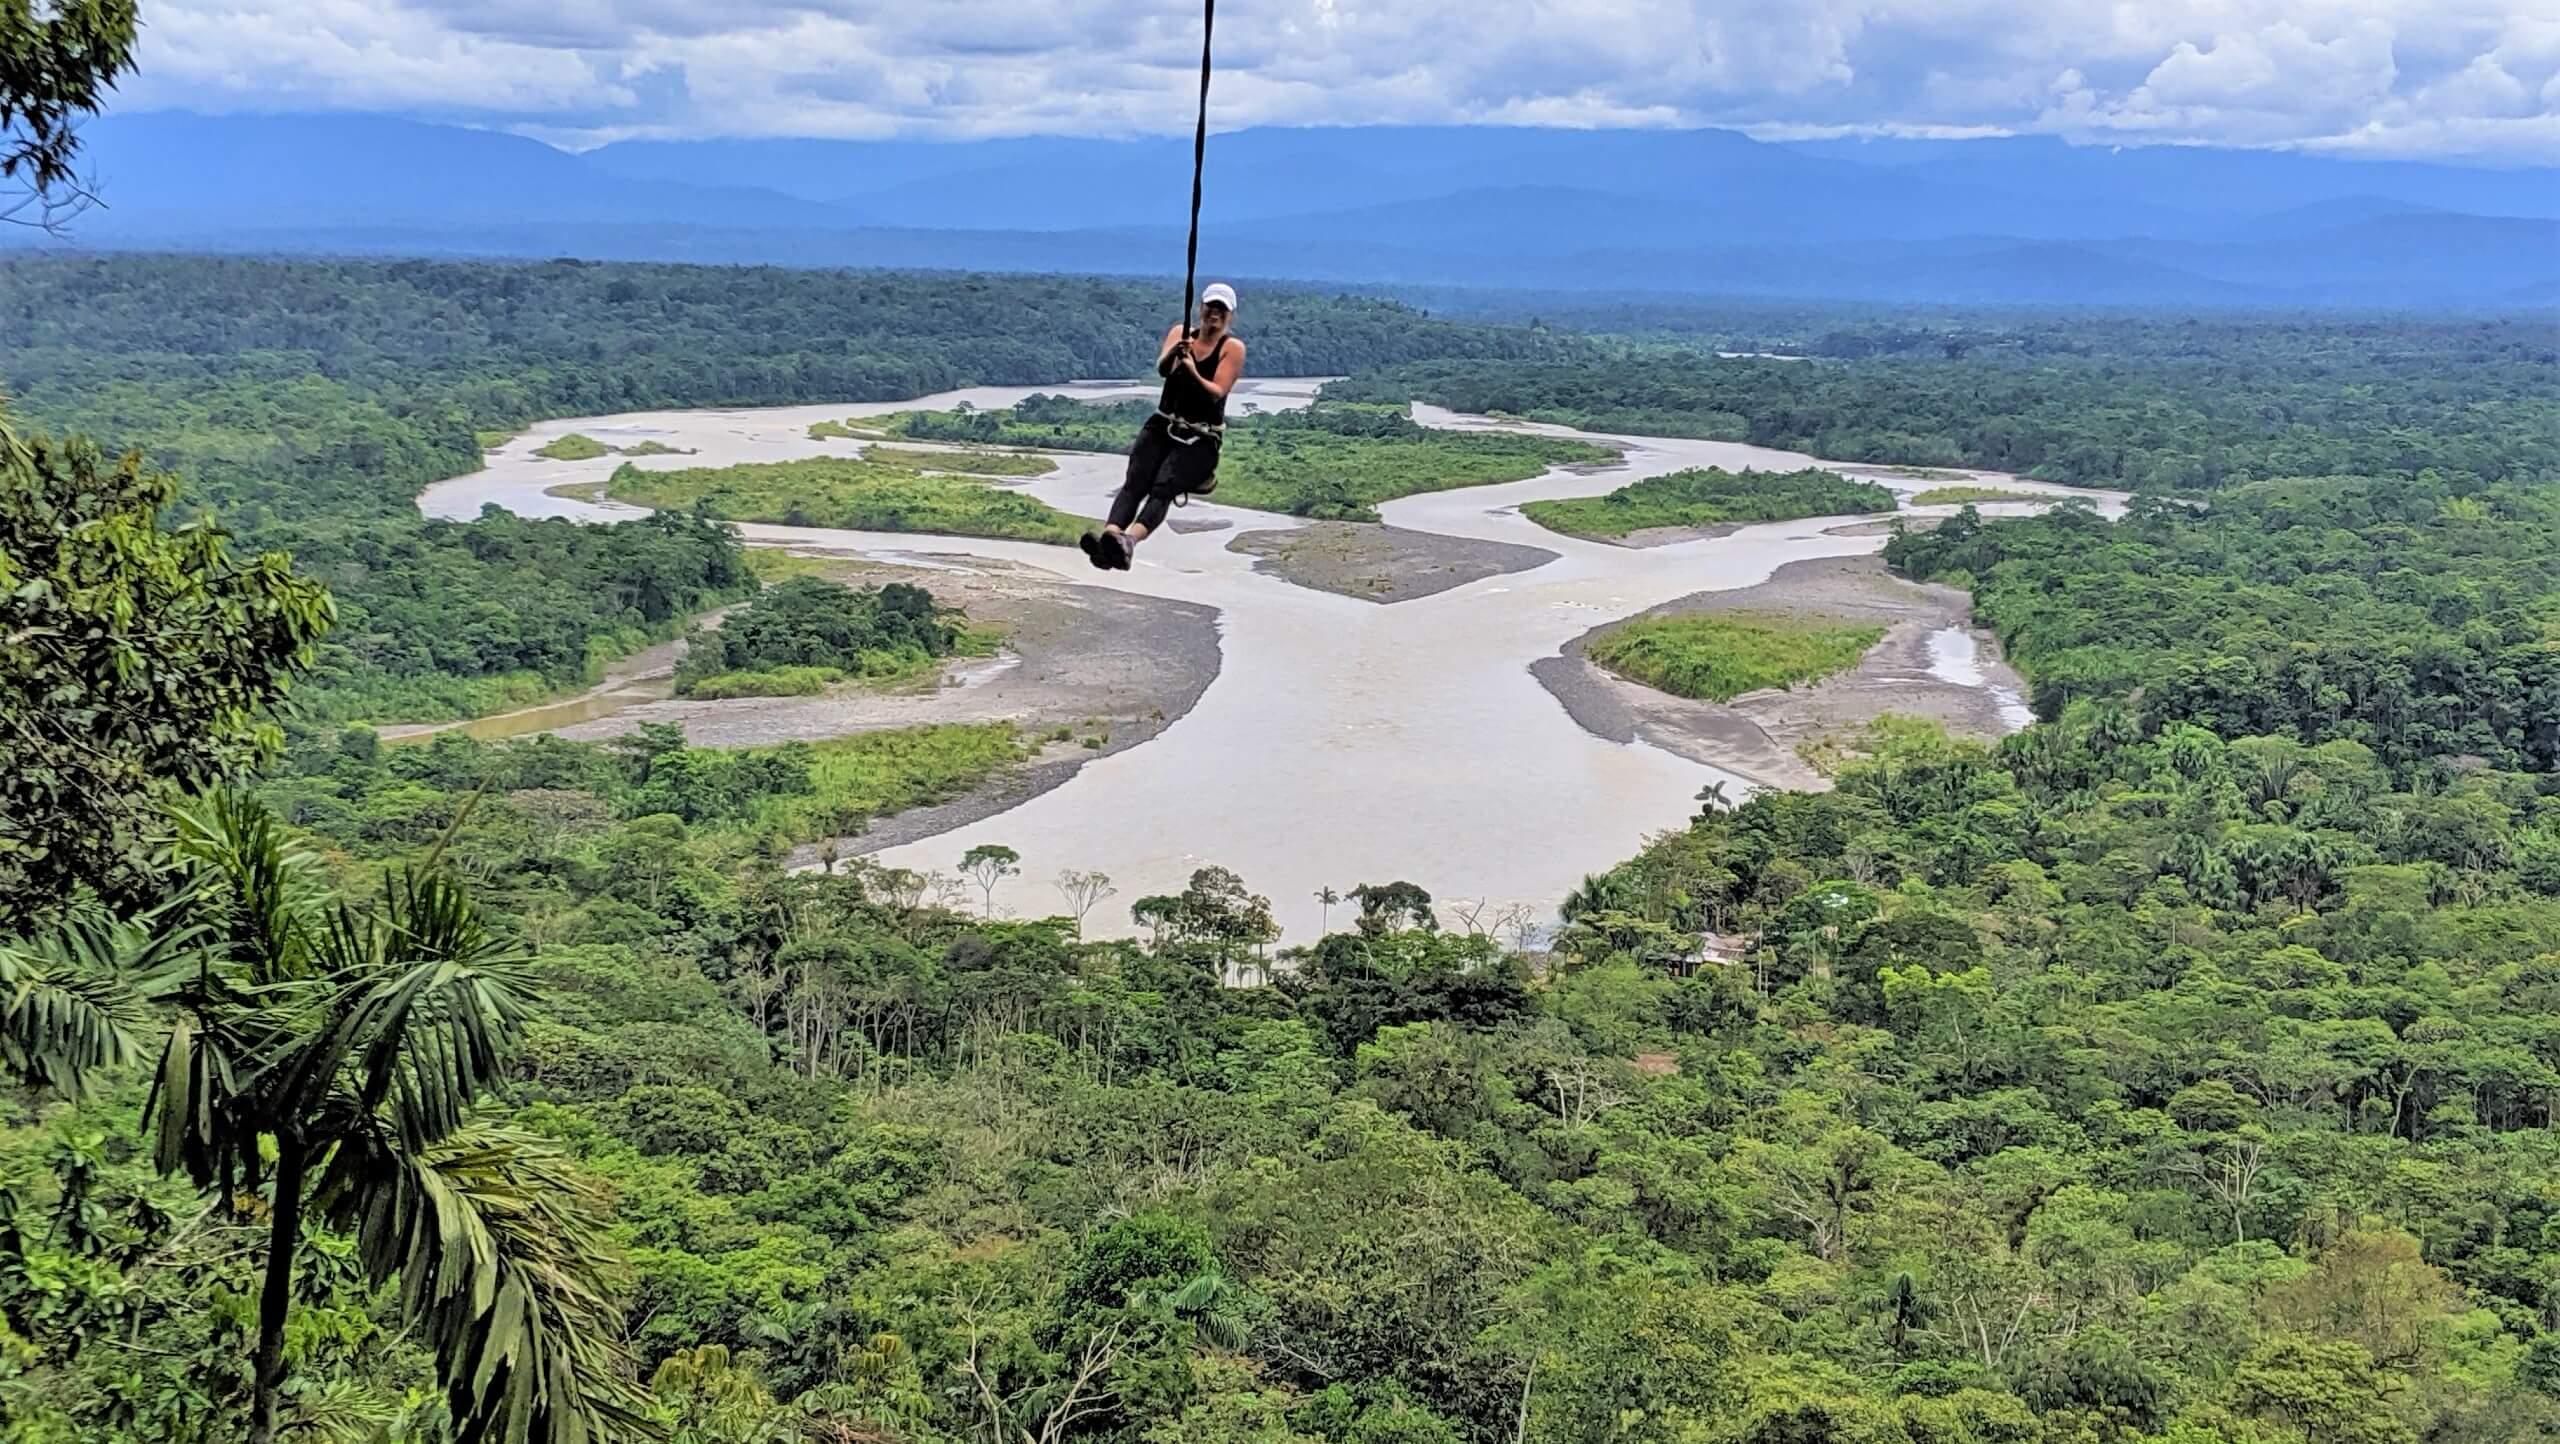 Beautiful Amazon rainforest in Ecuador